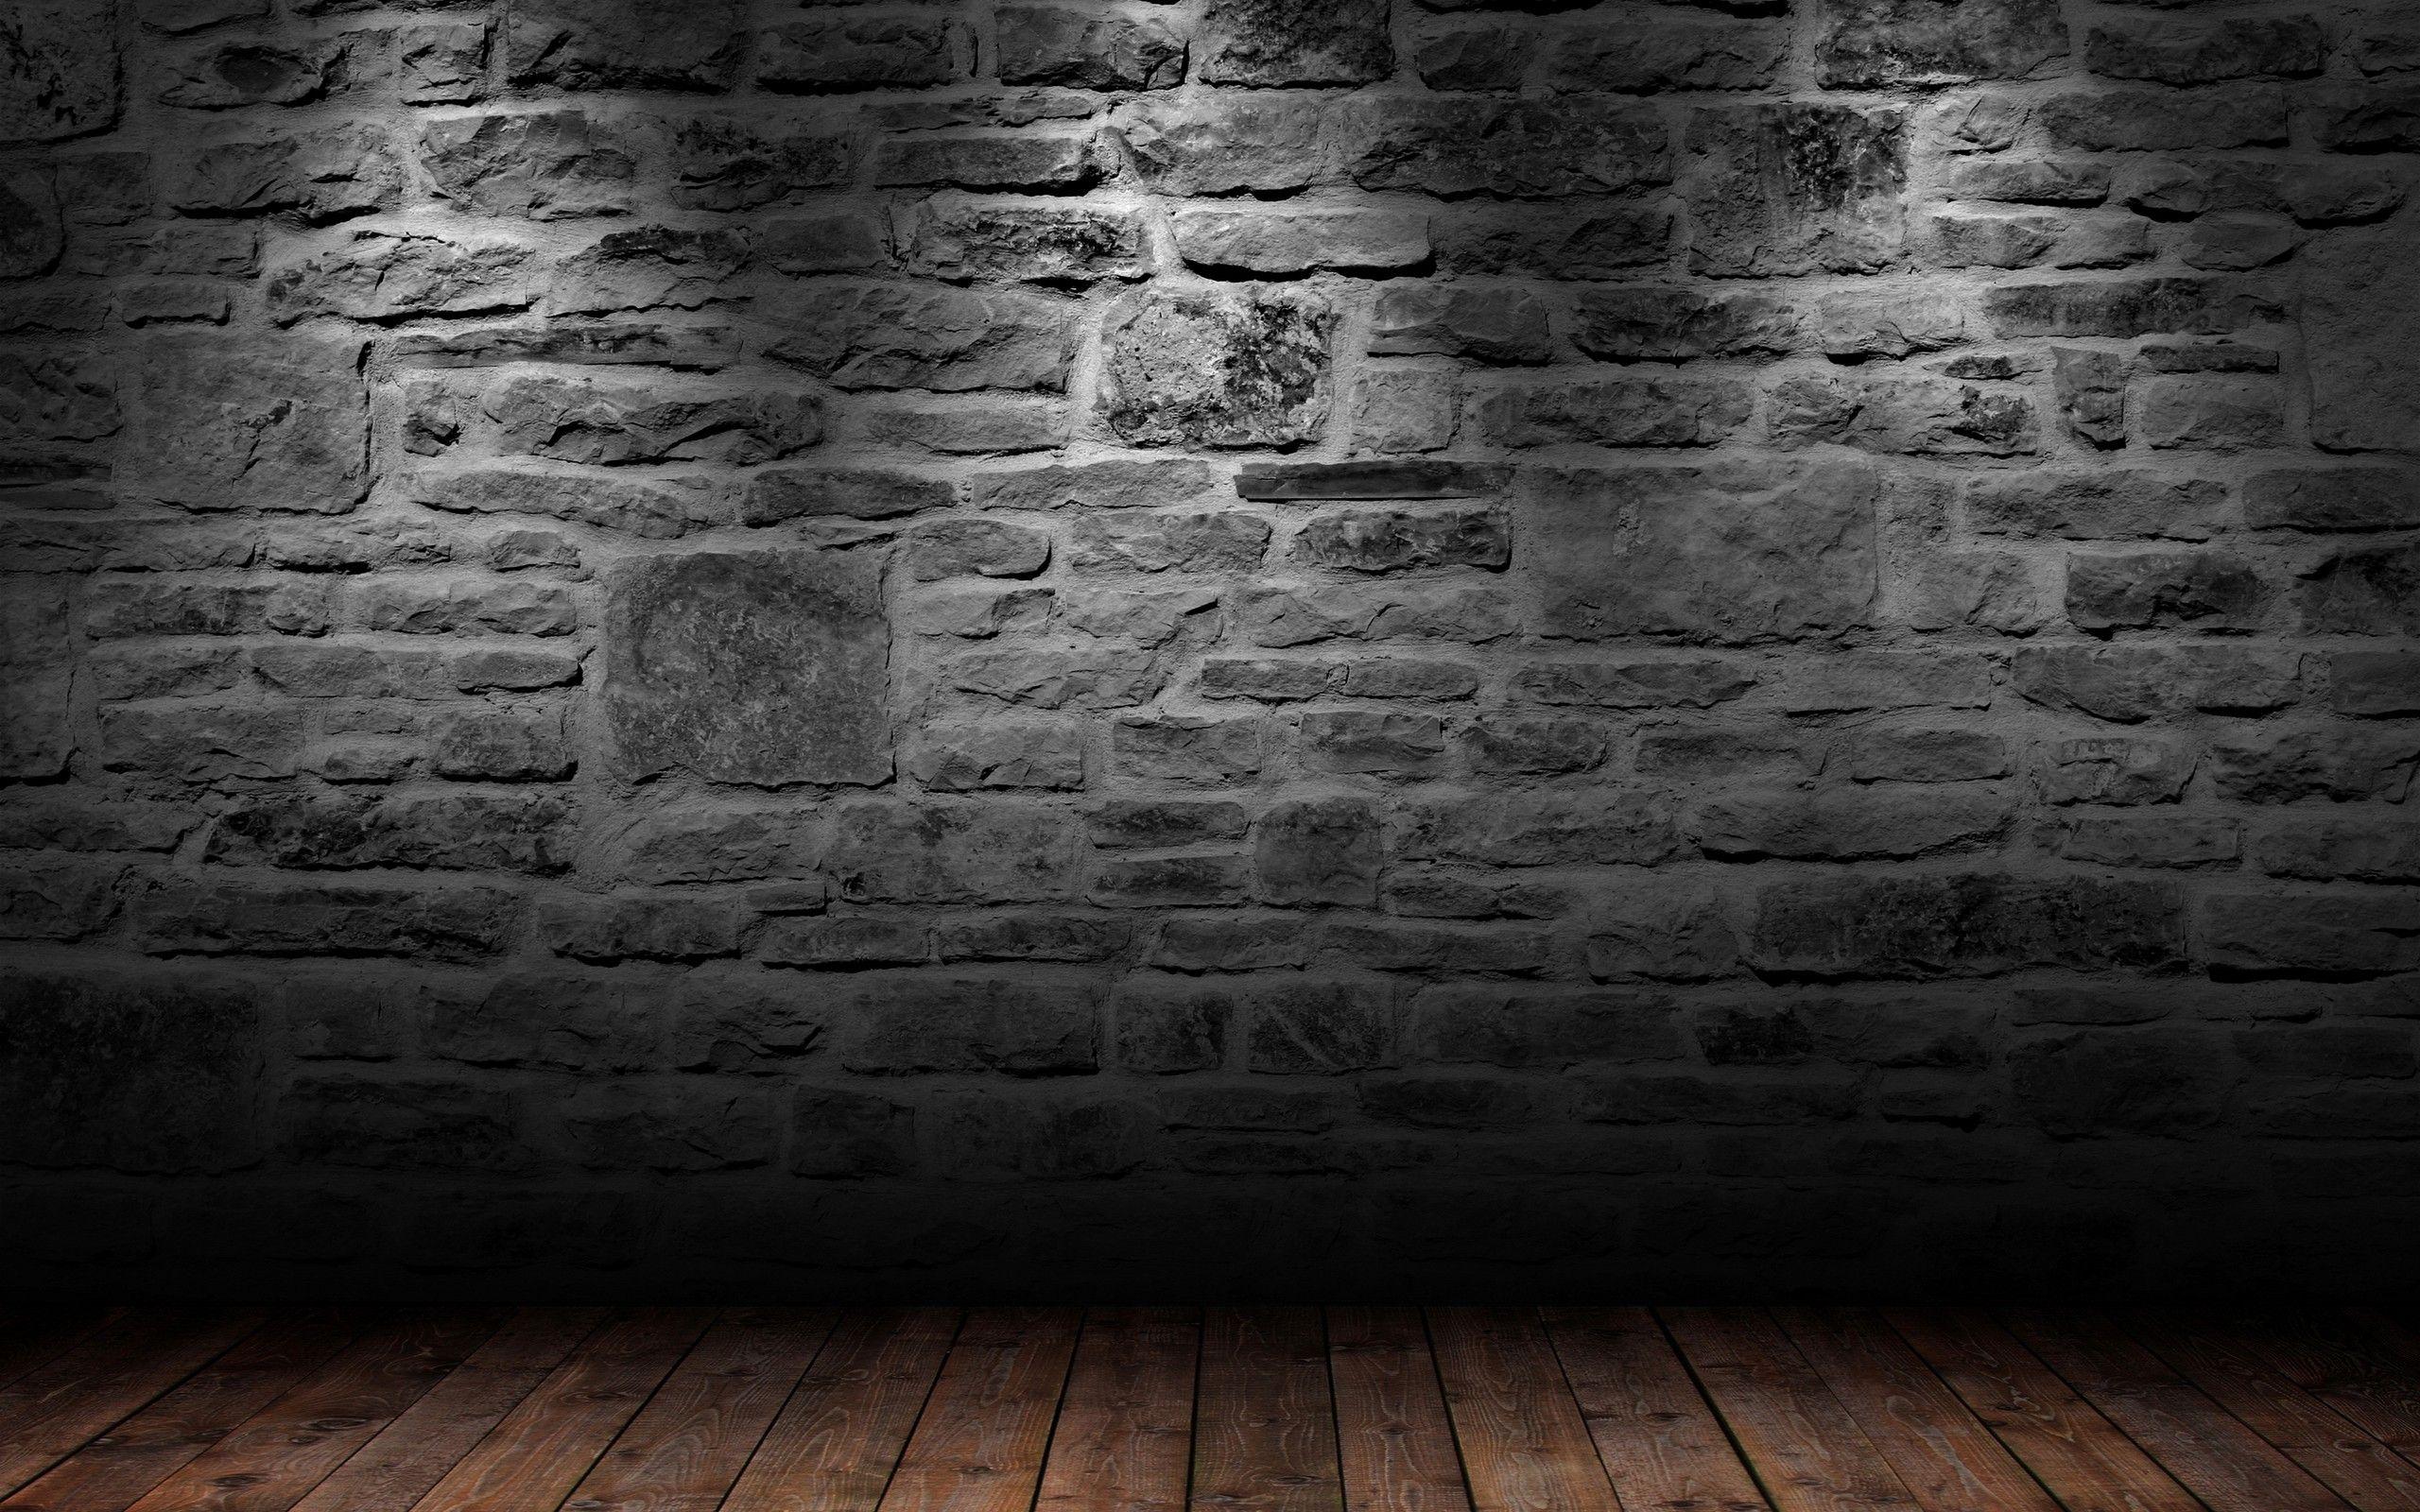 Floor 3d Wallpaper 2560x1600 Floor 3d View Wall Room Wood Floor Black Brick Wallpaper Brick Wall Wallpaper Brick Wall Backdrop